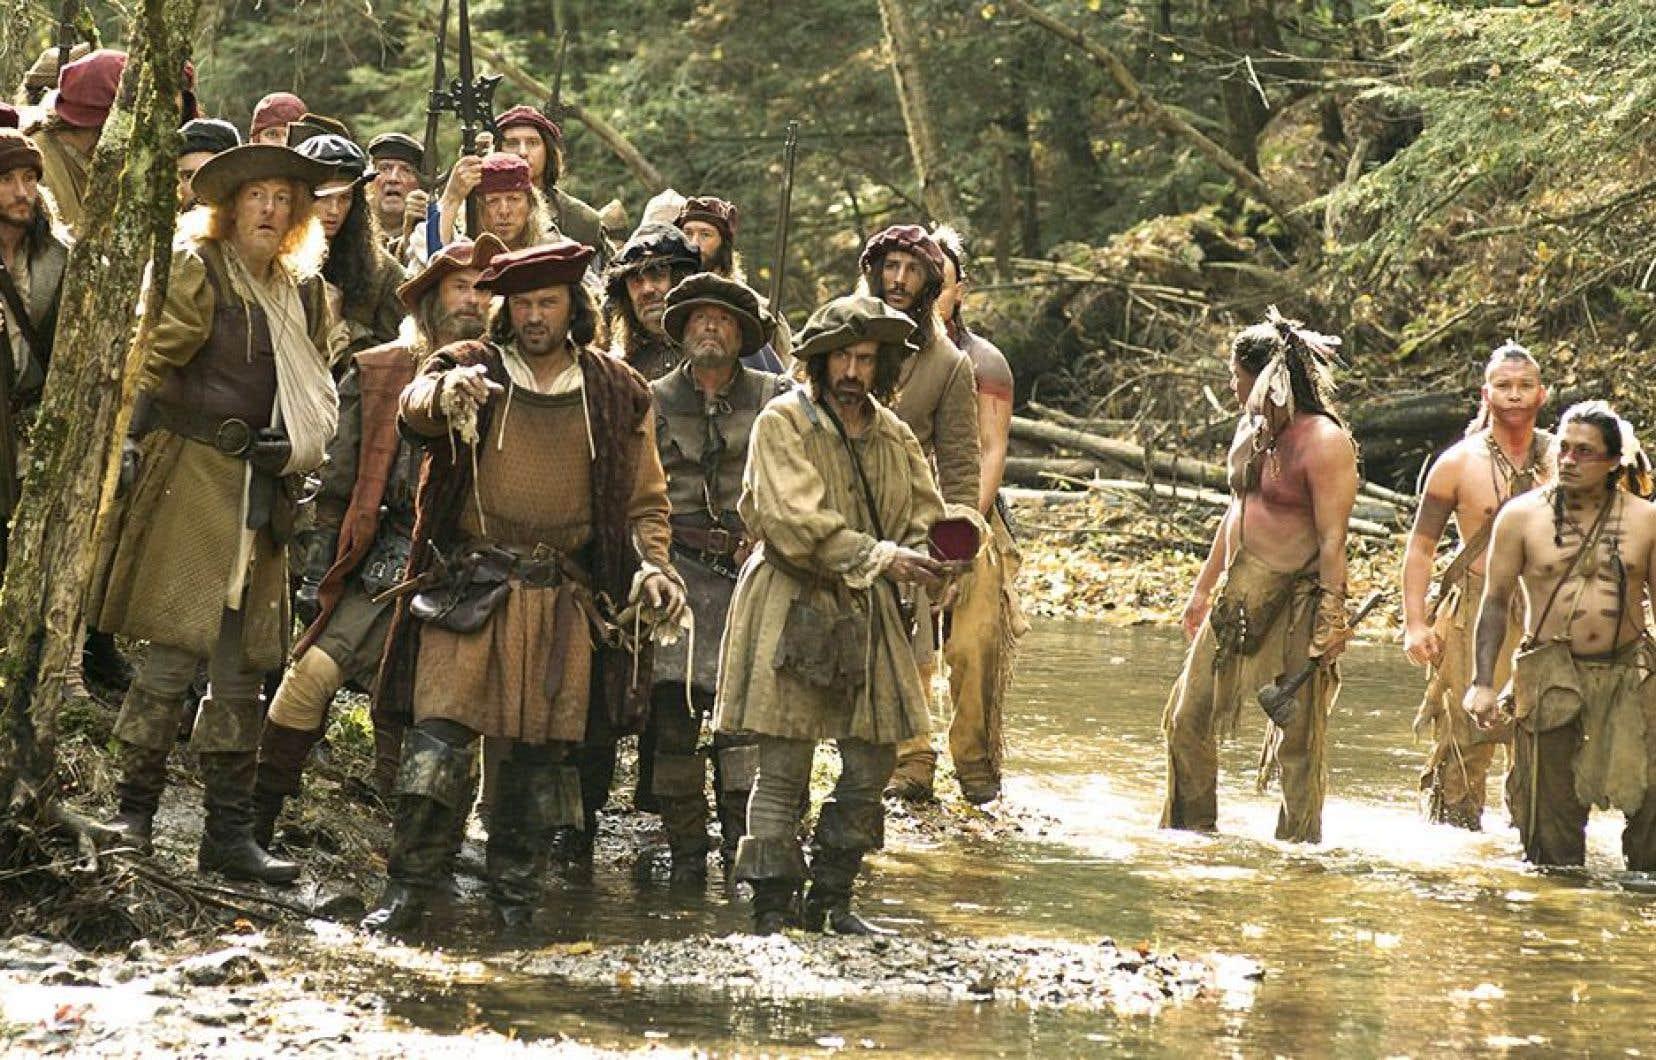 <p>Pour la première fois, un long métrage historique au Québec donne la vedette à toutes les nations impliquées, sans parti pris ethnocentriste avec une vraie envergure.</p>